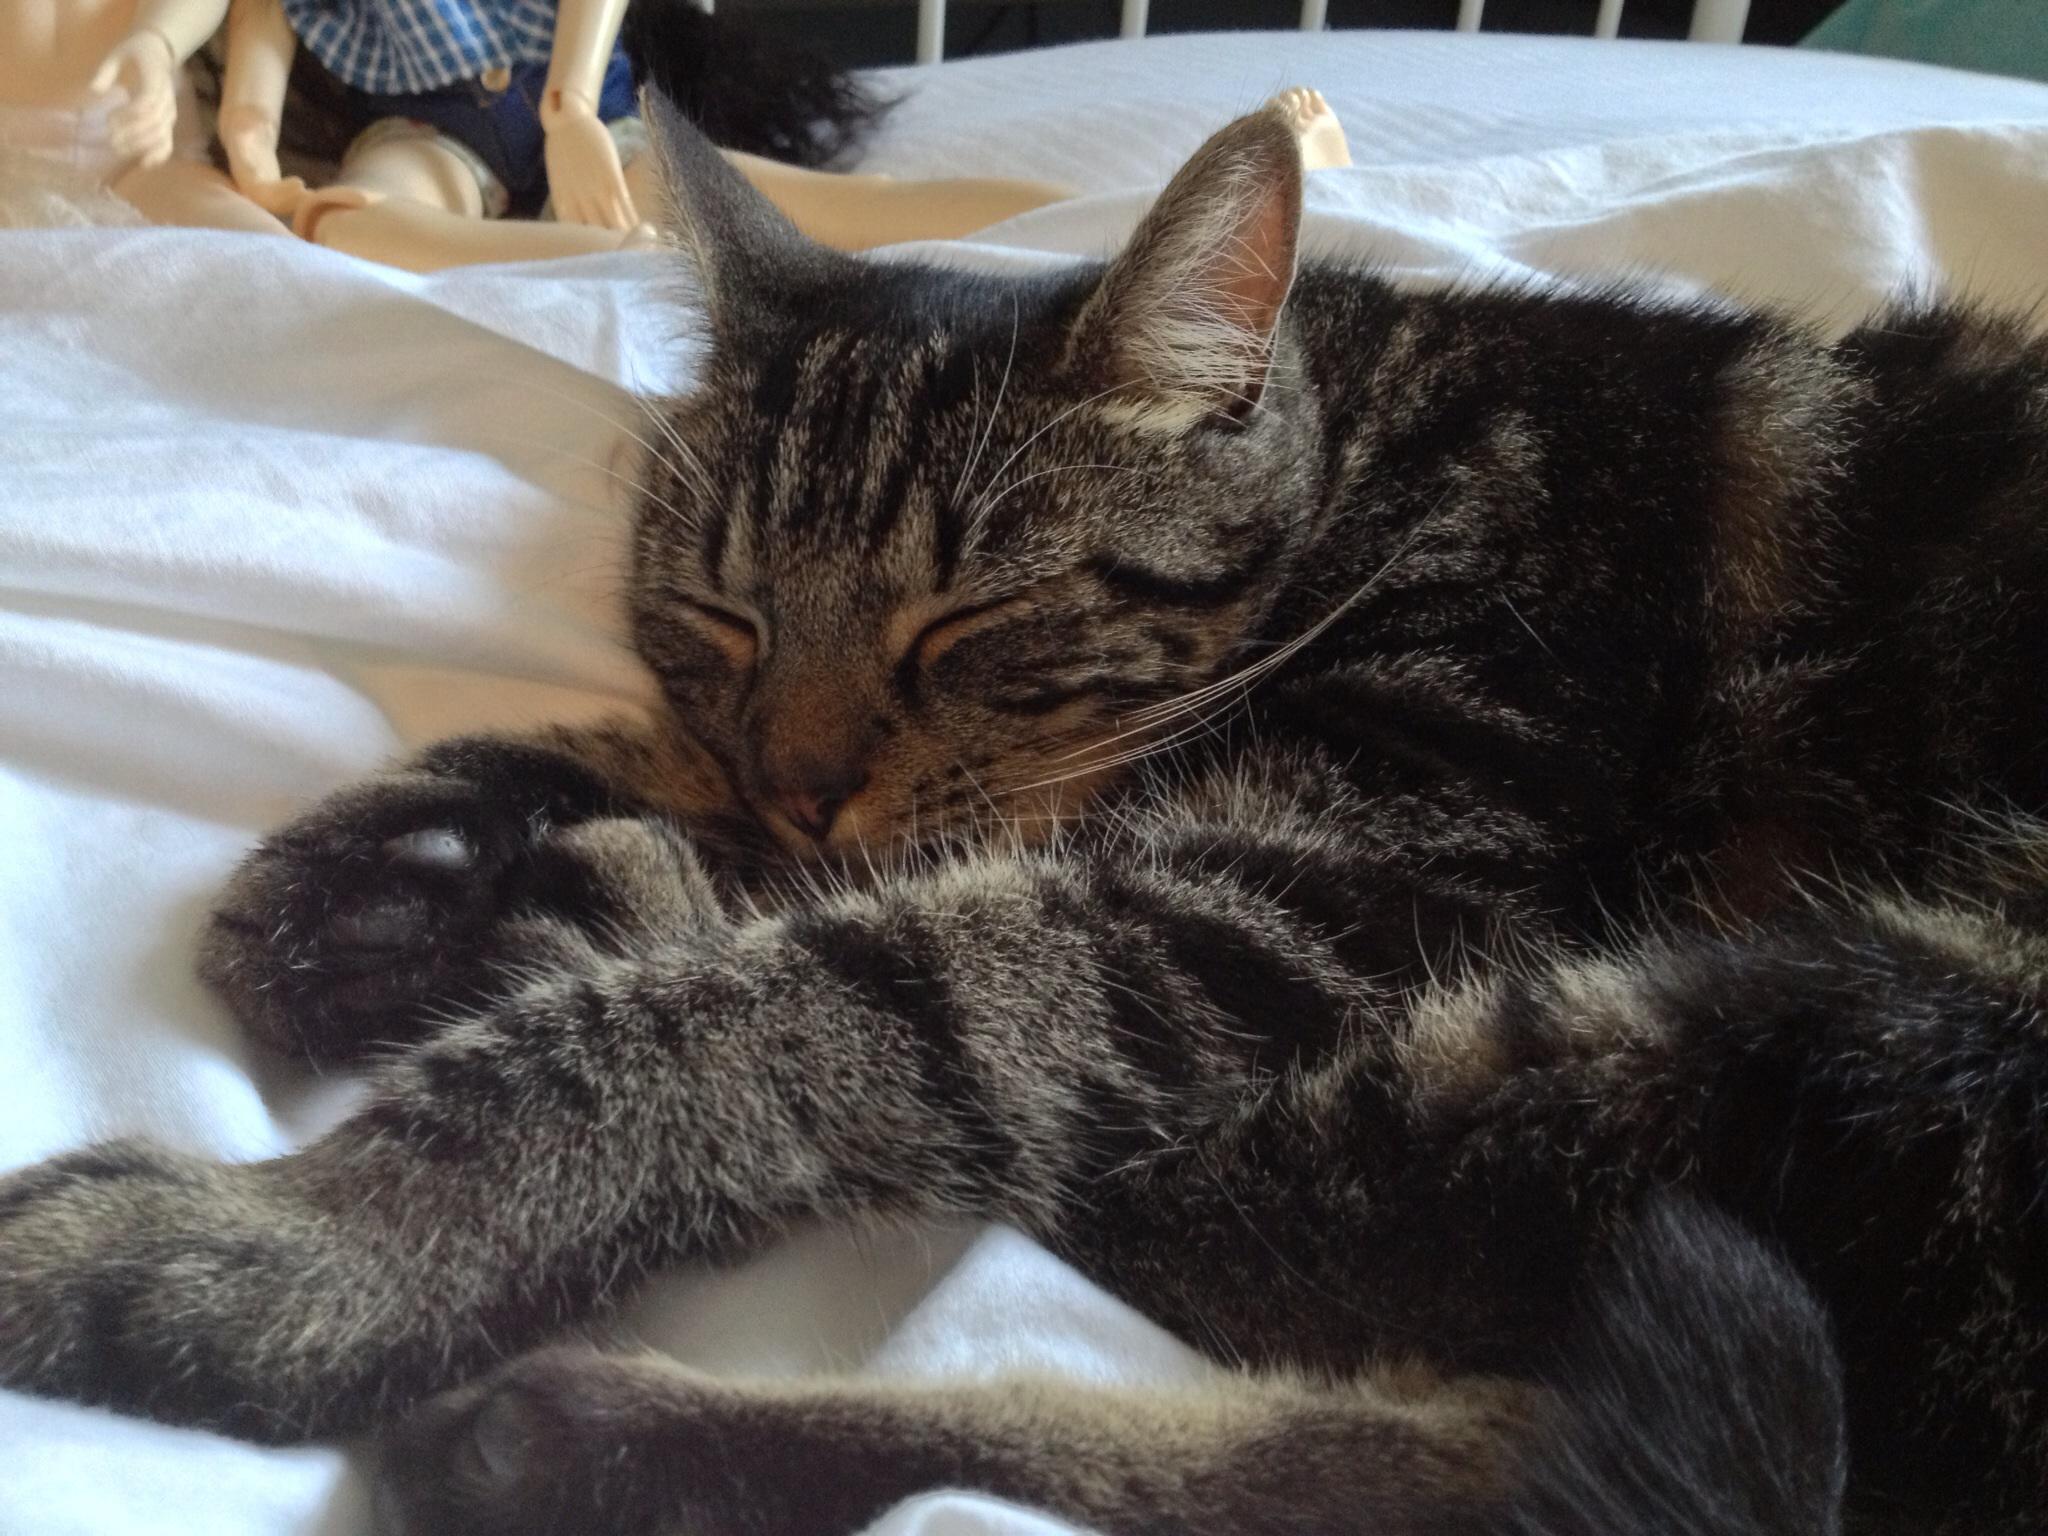 Loki asleep on Mams bed